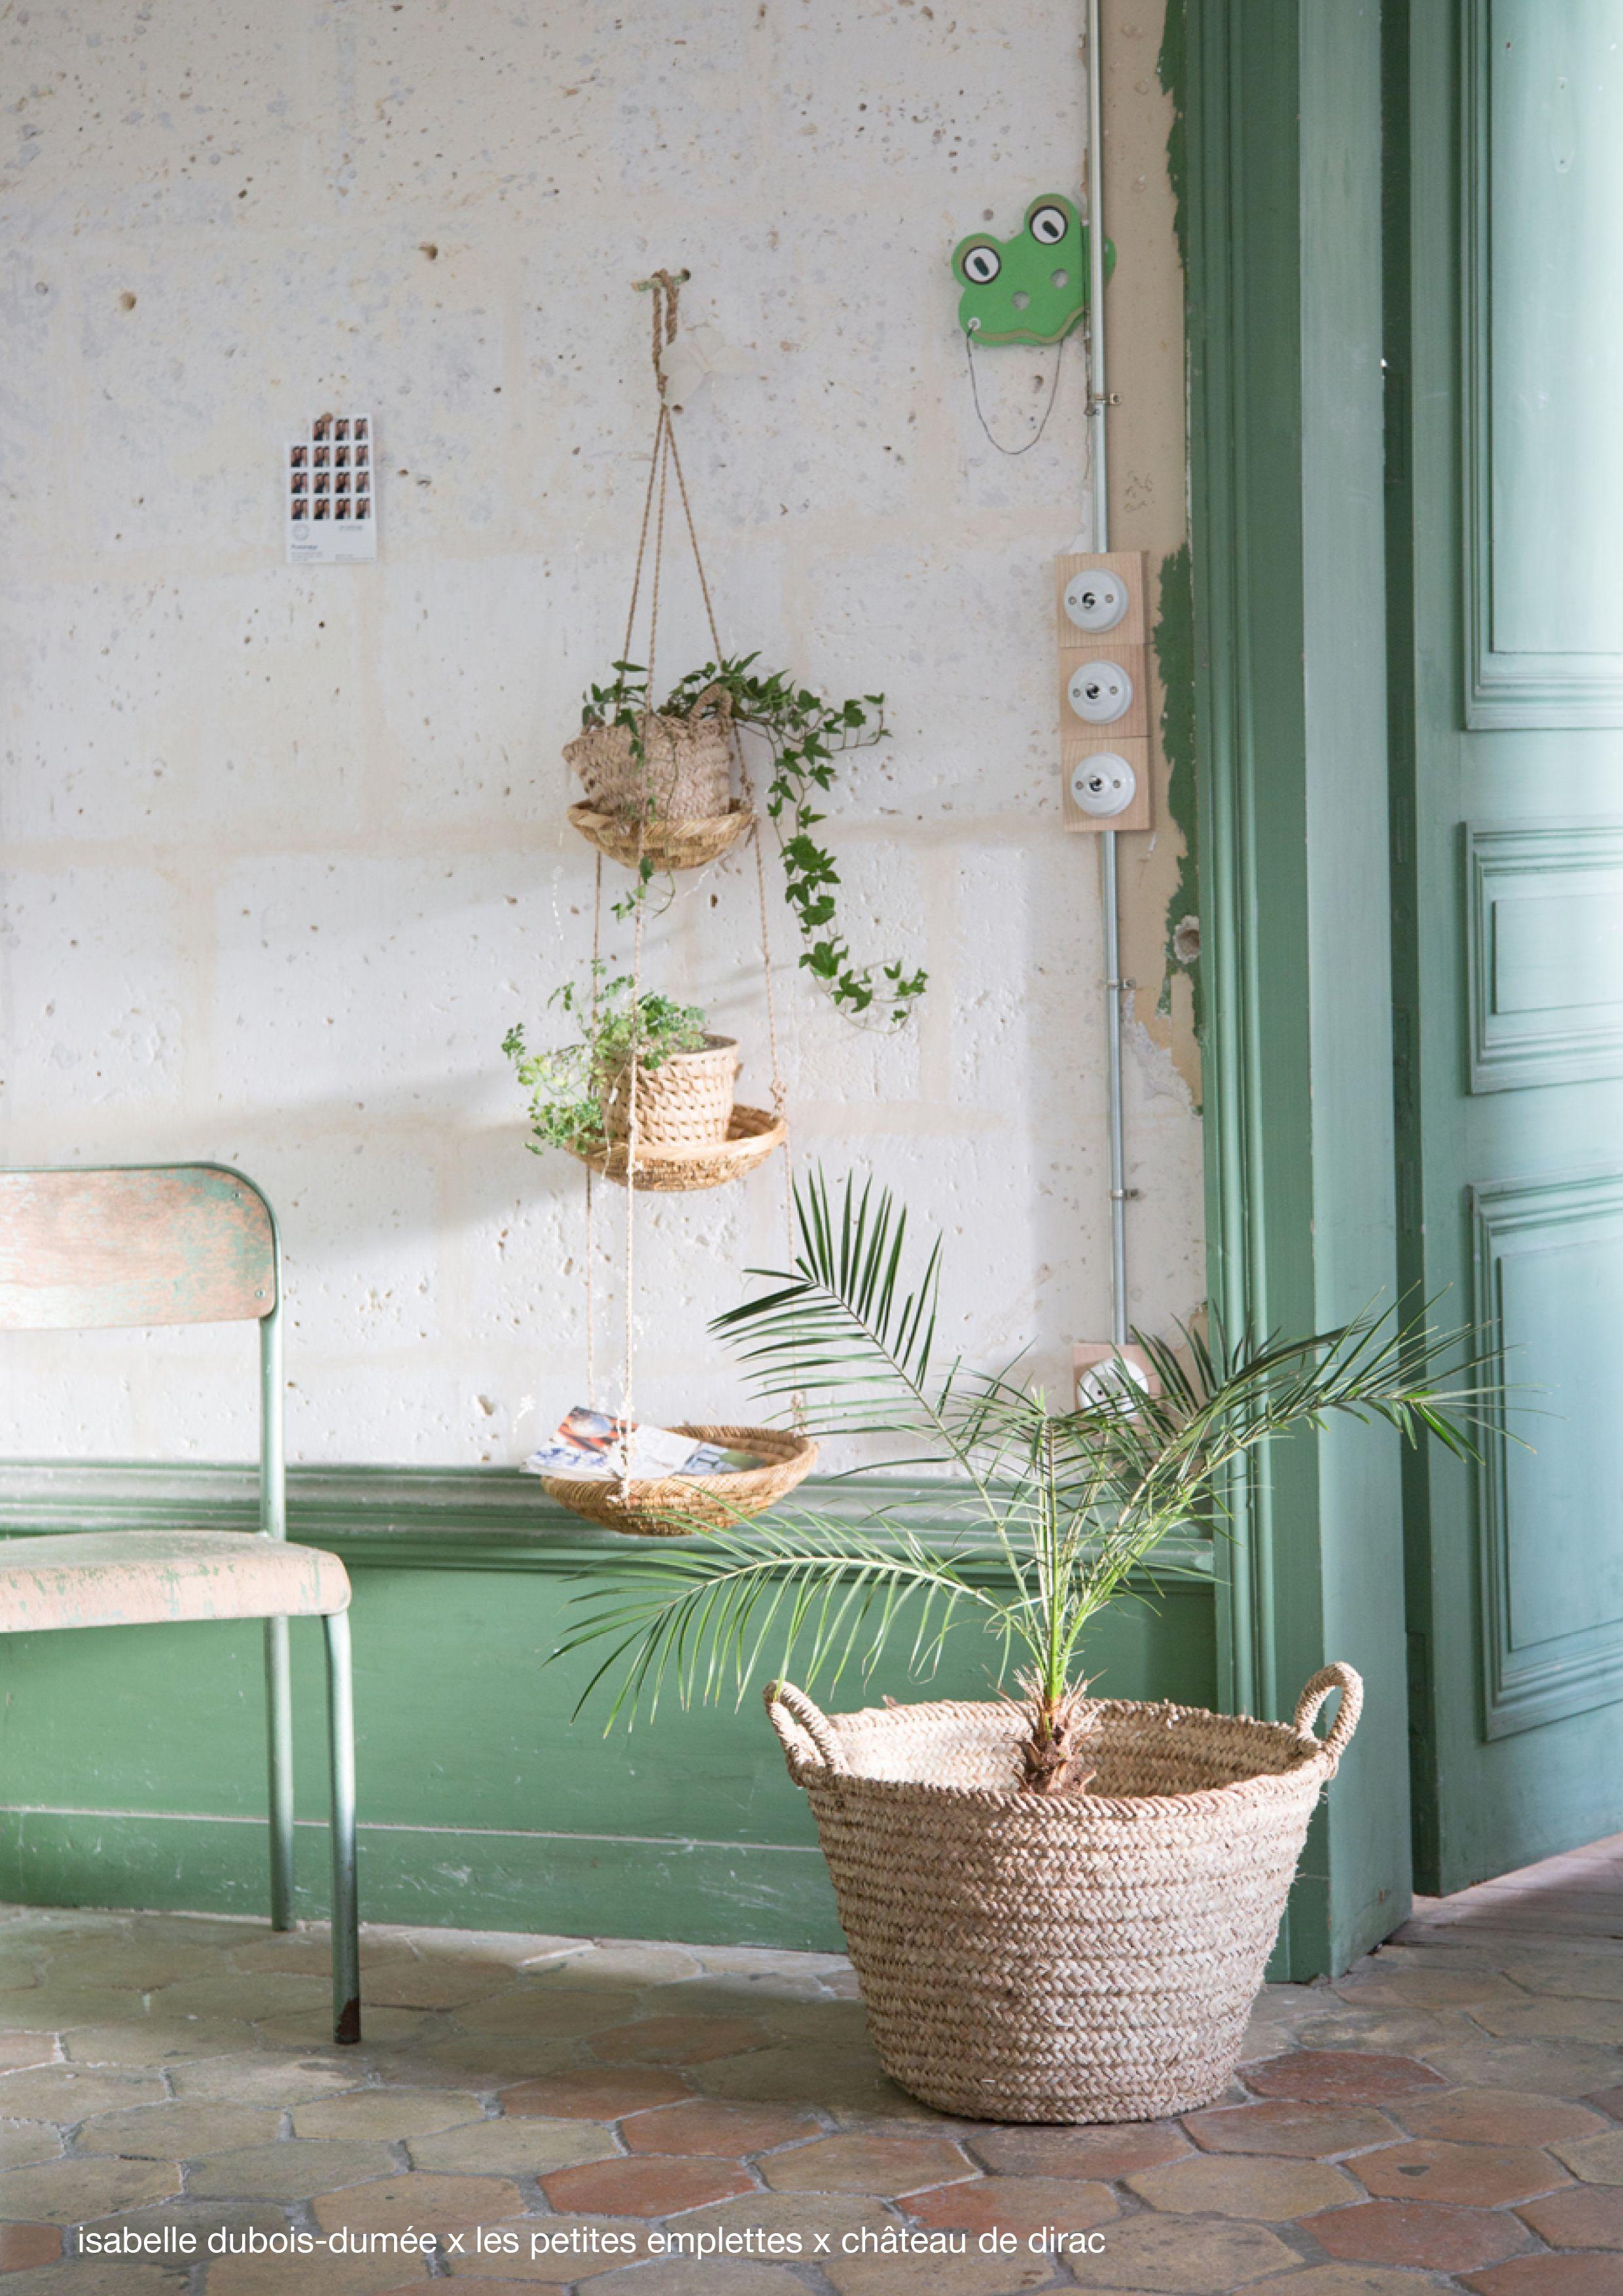 stylisme photo isabelle dubois dum e au ch teau de dirac. Black Bedroom Furniture Sets. Home Design Ideas